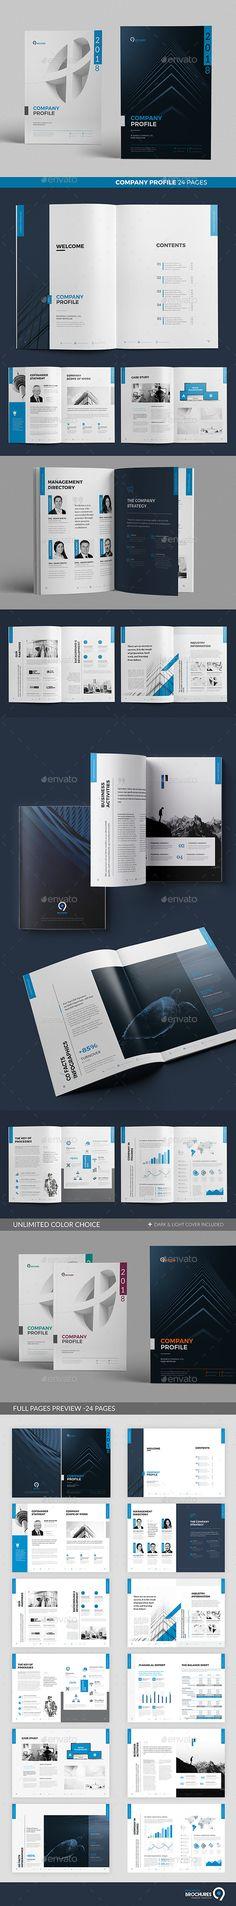 Company Profile #brochure #corporate • Download ➝ https://graphicriver.net/item/company-profile/21350519?ref=pxcr